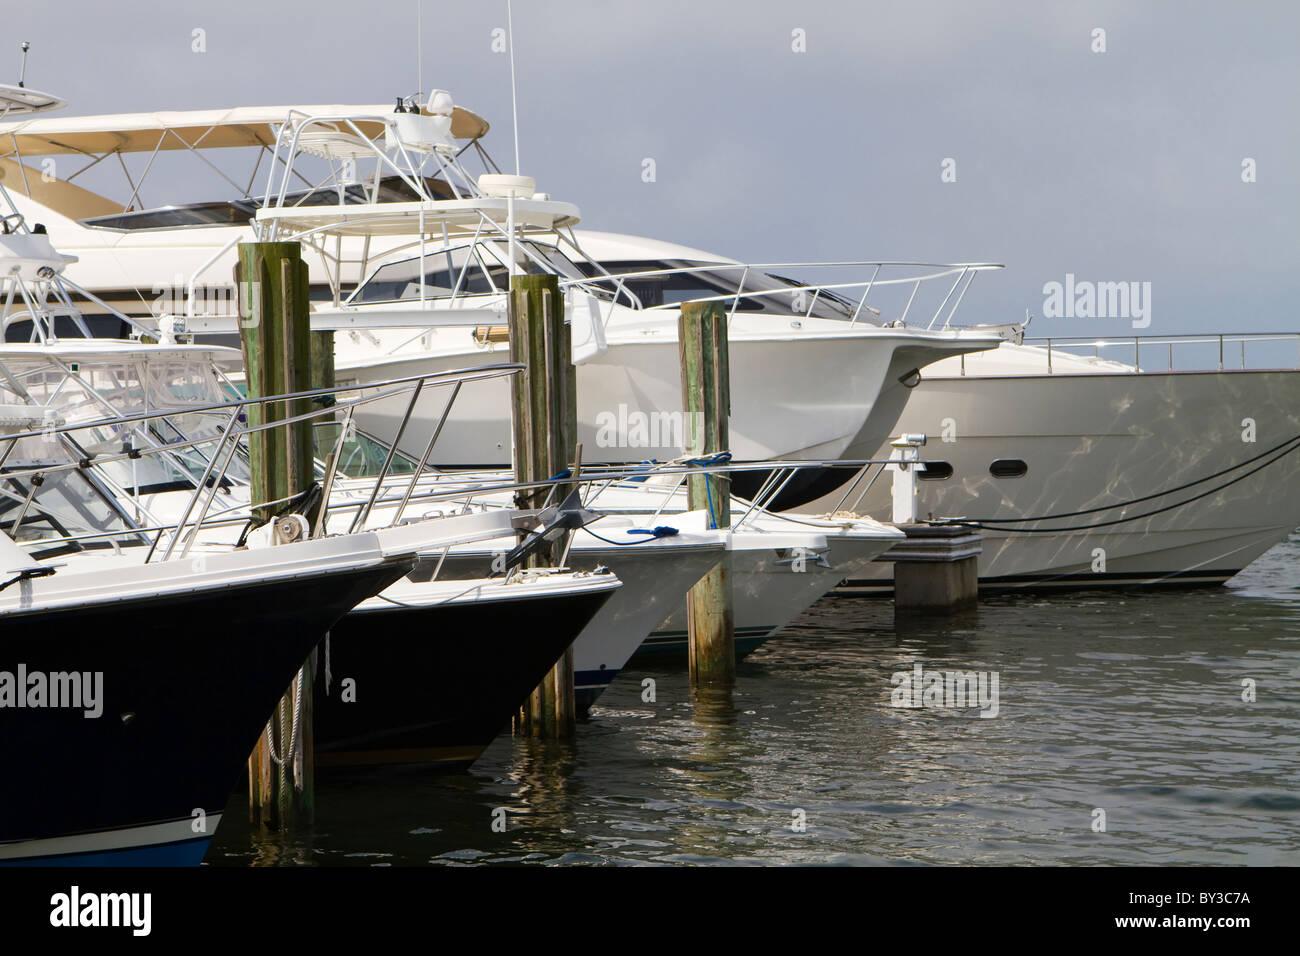 Rangée de yachts de luxe et bateaux de pêche à la ligne des quais. Photo Stock